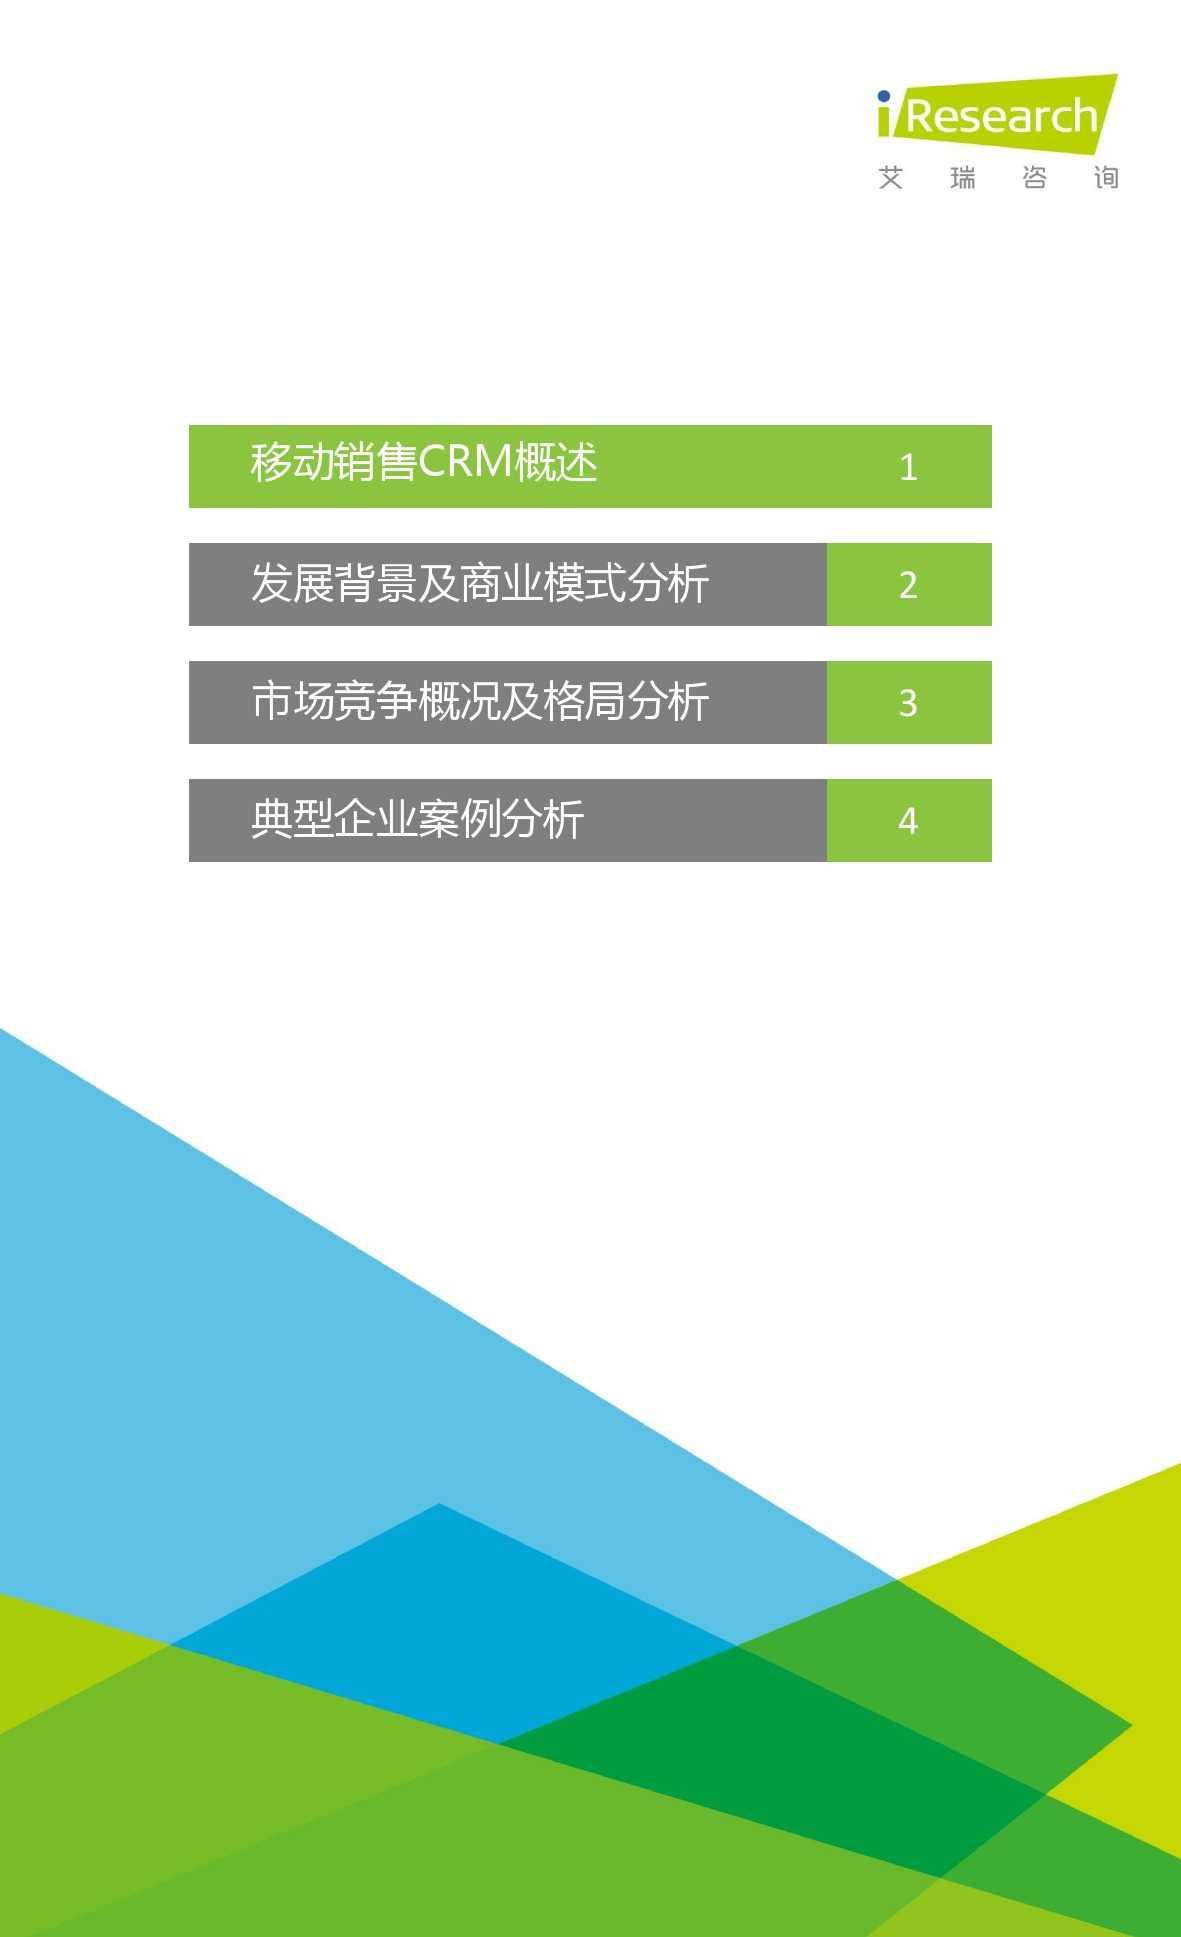 2015年中国移动销售CRM行业研究报告_000002